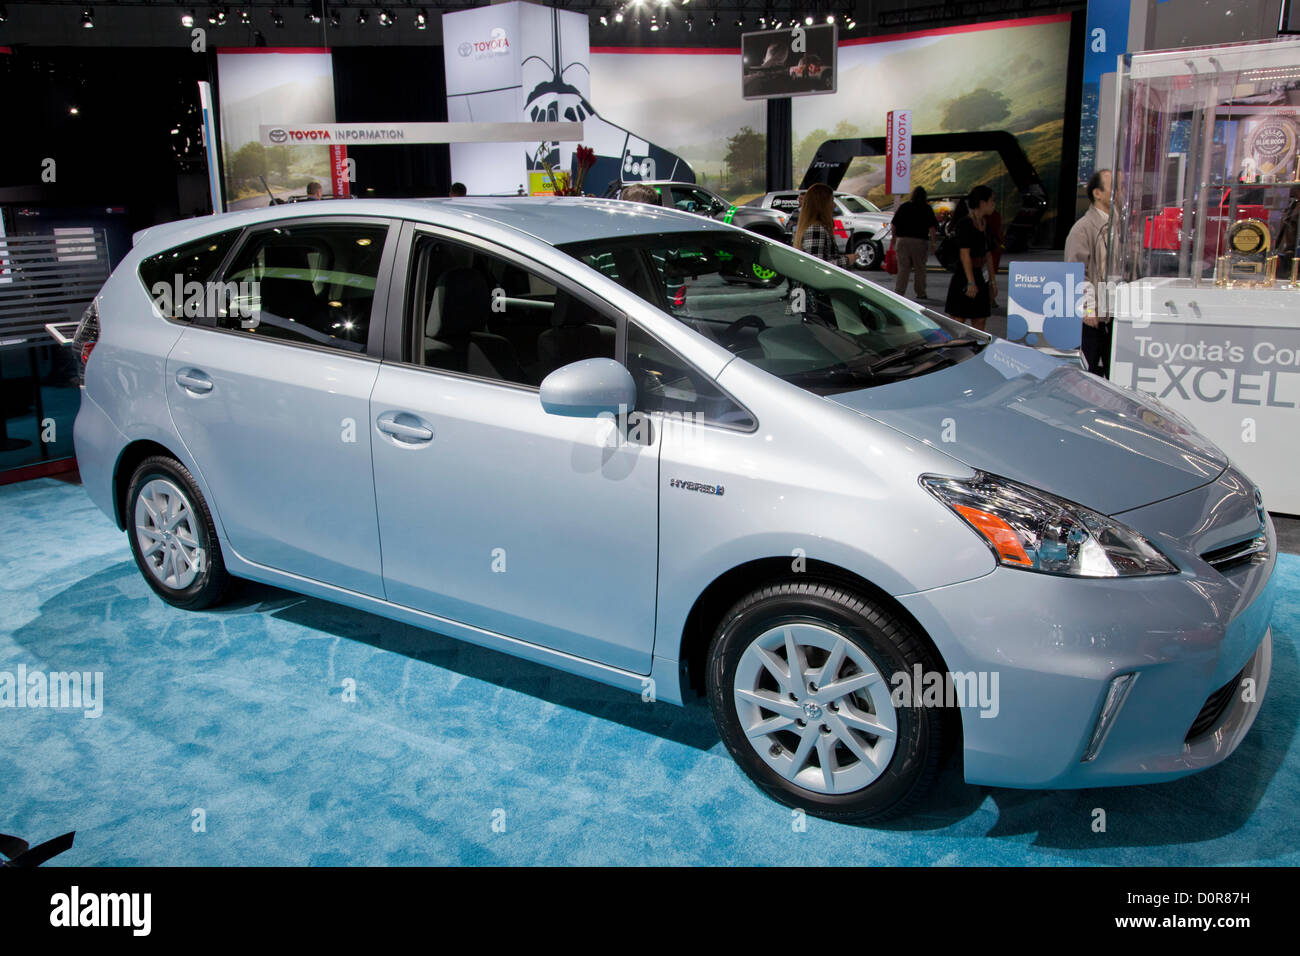 2013 Toyota Prius híbrido. Nuevo 2013 Verde coches eléctricos e híbridos son exhibidos en la demostración Imagen De Stock